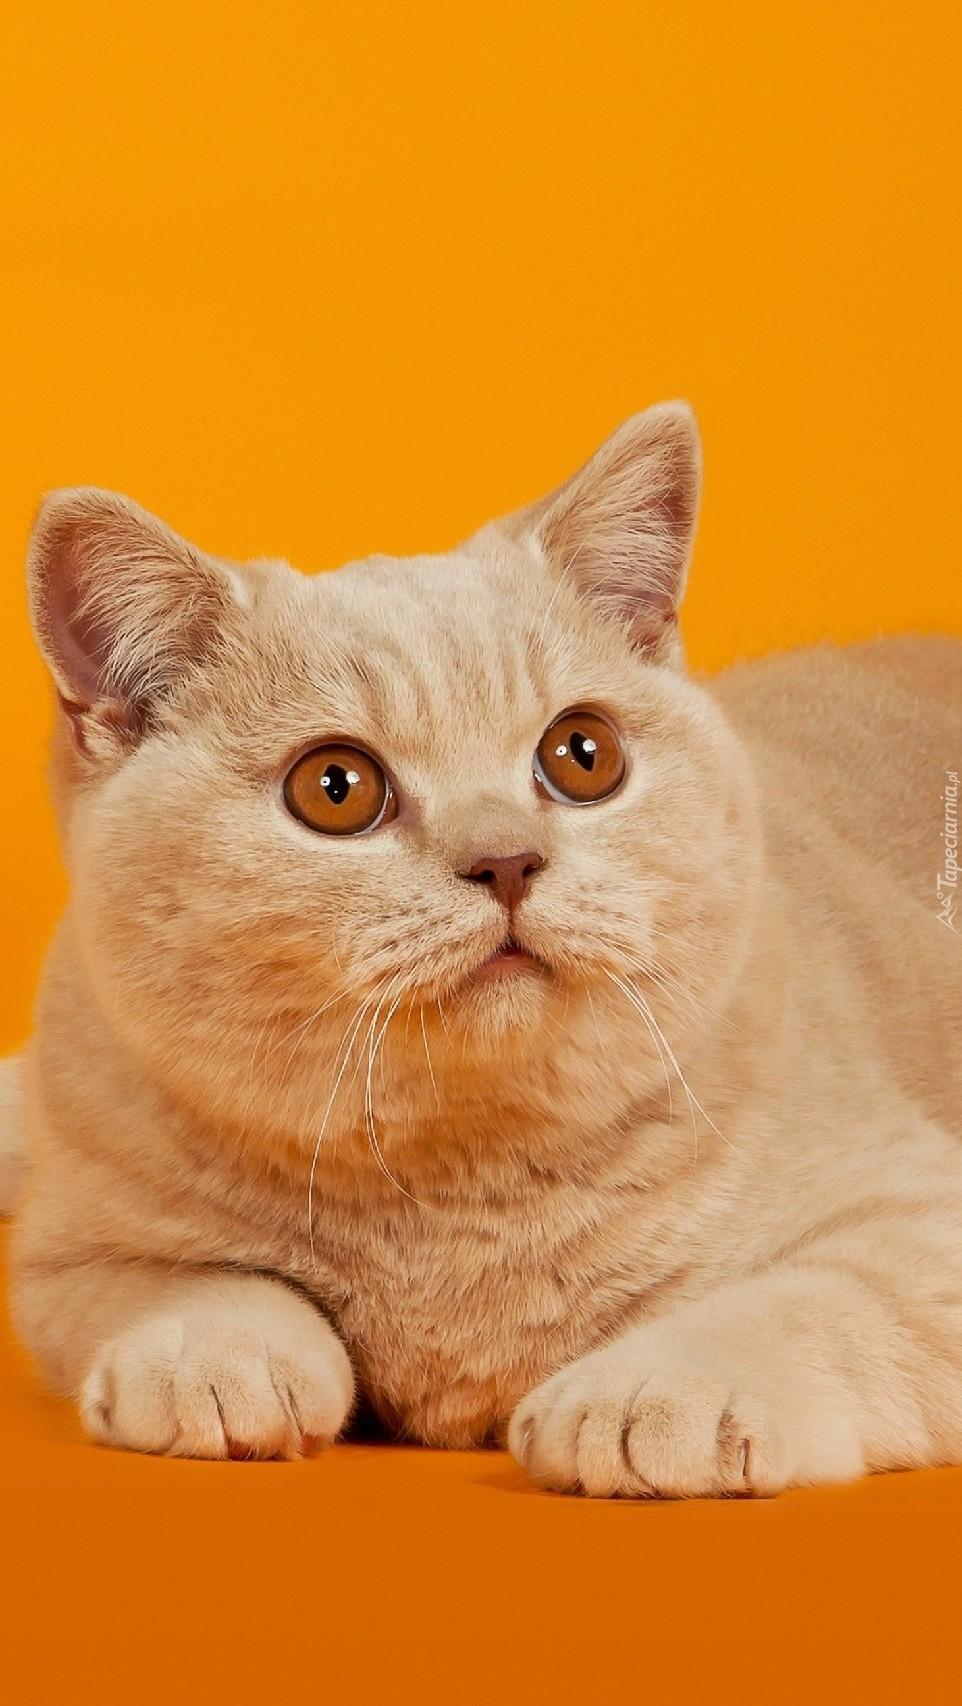 Kot o zaciekawionym spojrzeniu